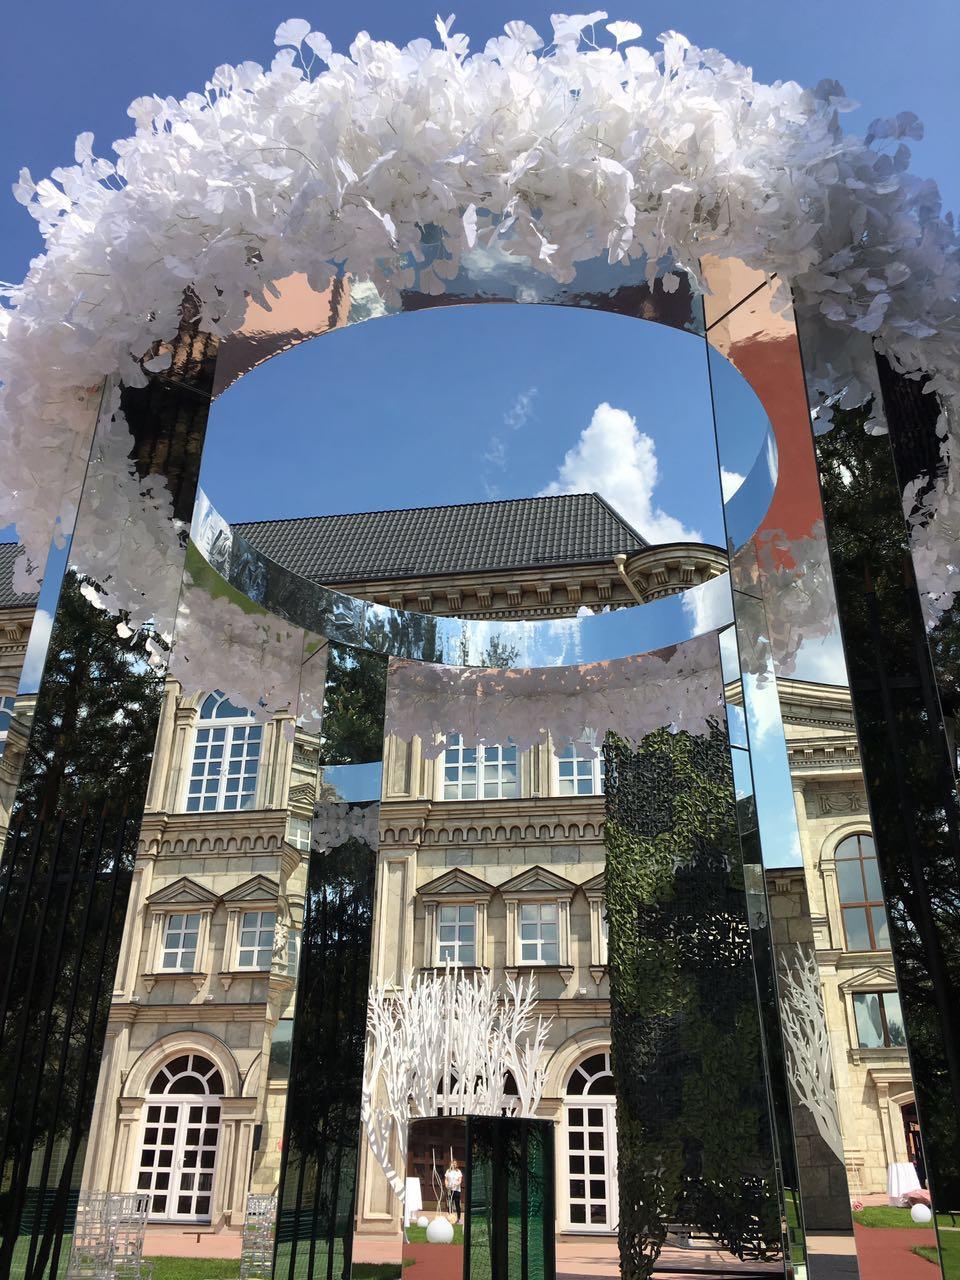 Зеркальный алтарь h=3200 мм. Верхний диаметр ротонды имеет паз для декора  искусственной или живой флористикой, стразами или другими элементами декора. Цена с учетом нашего д/монтажа =59.000 руб